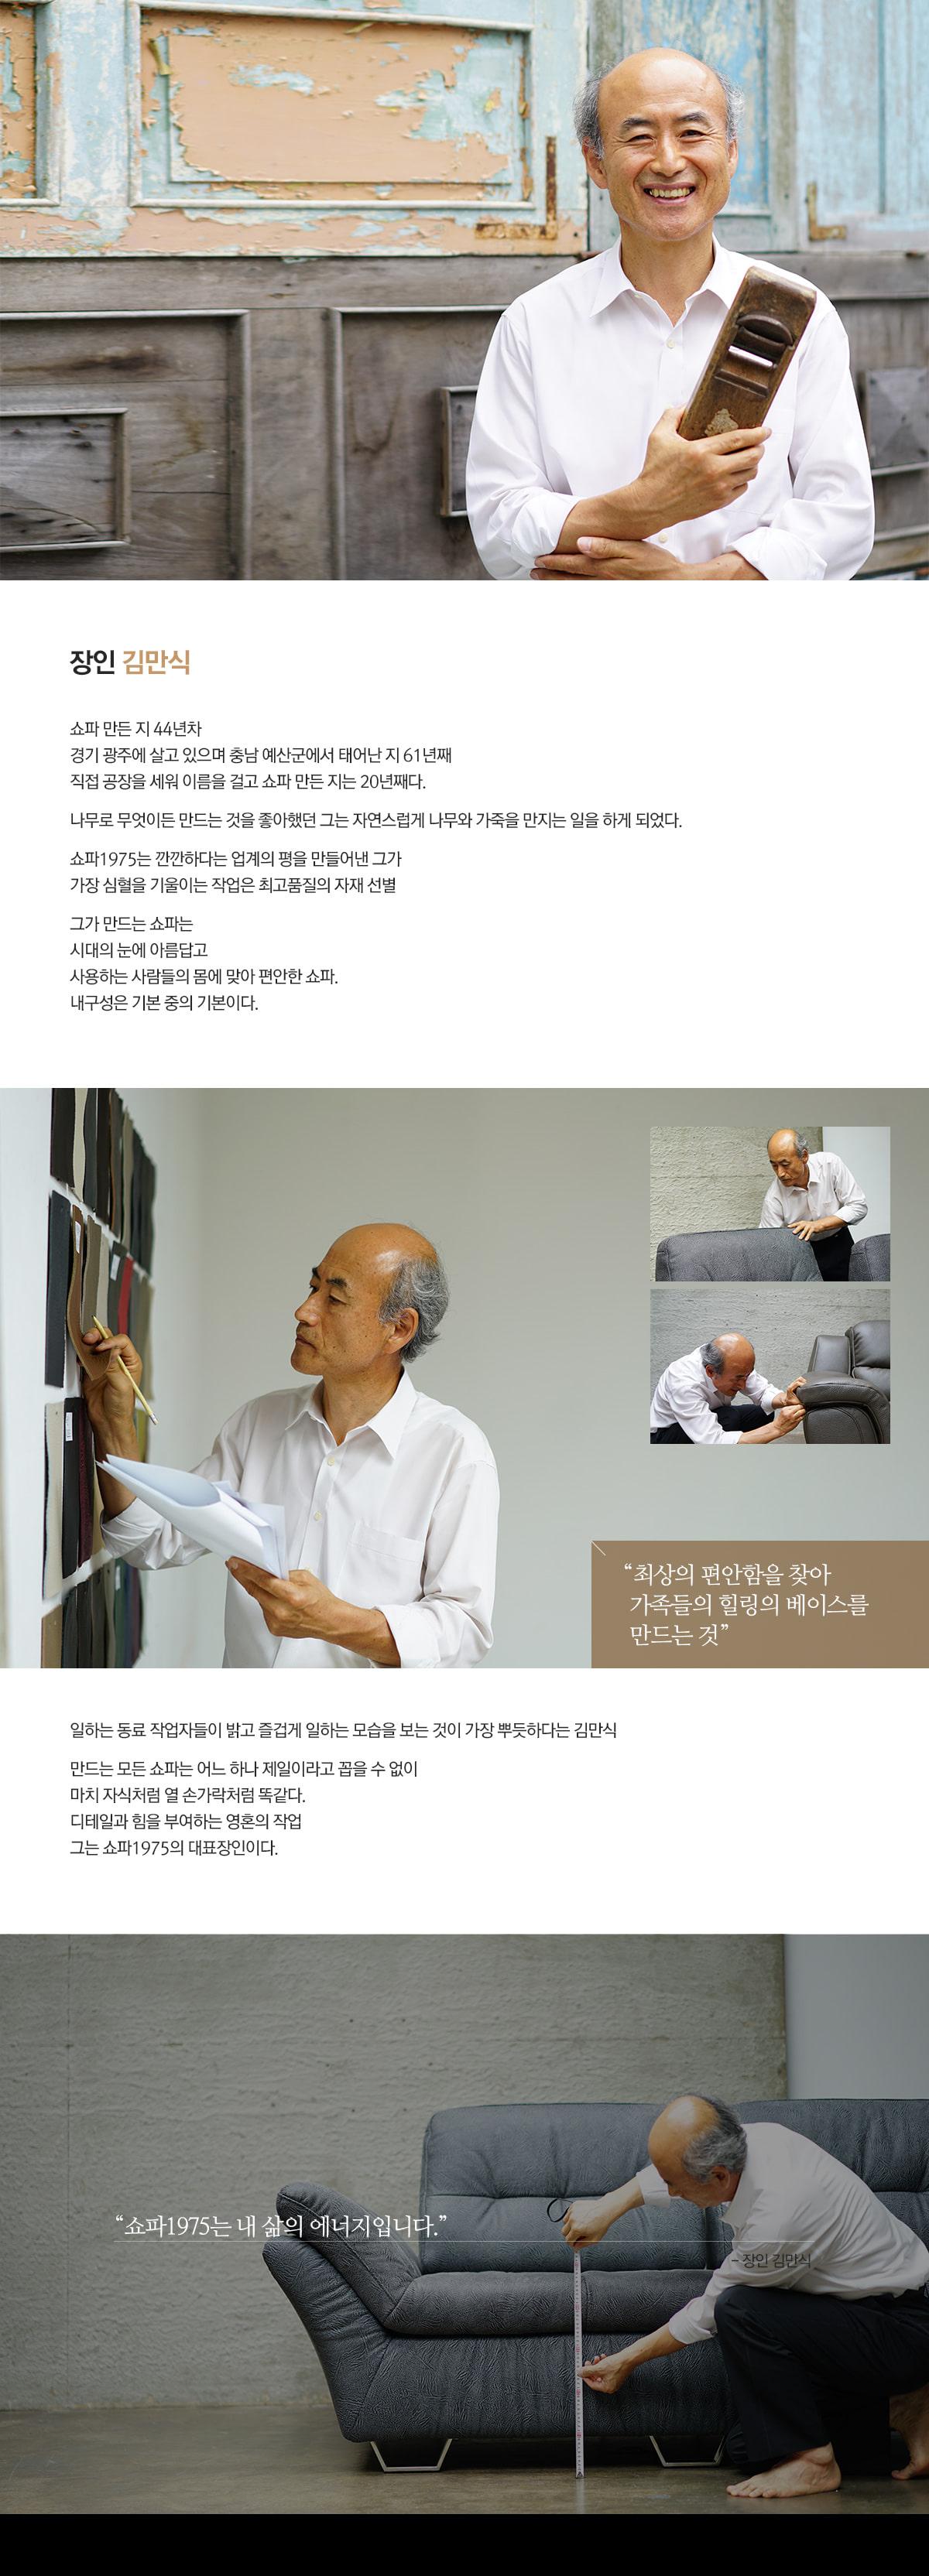 장인집단소개